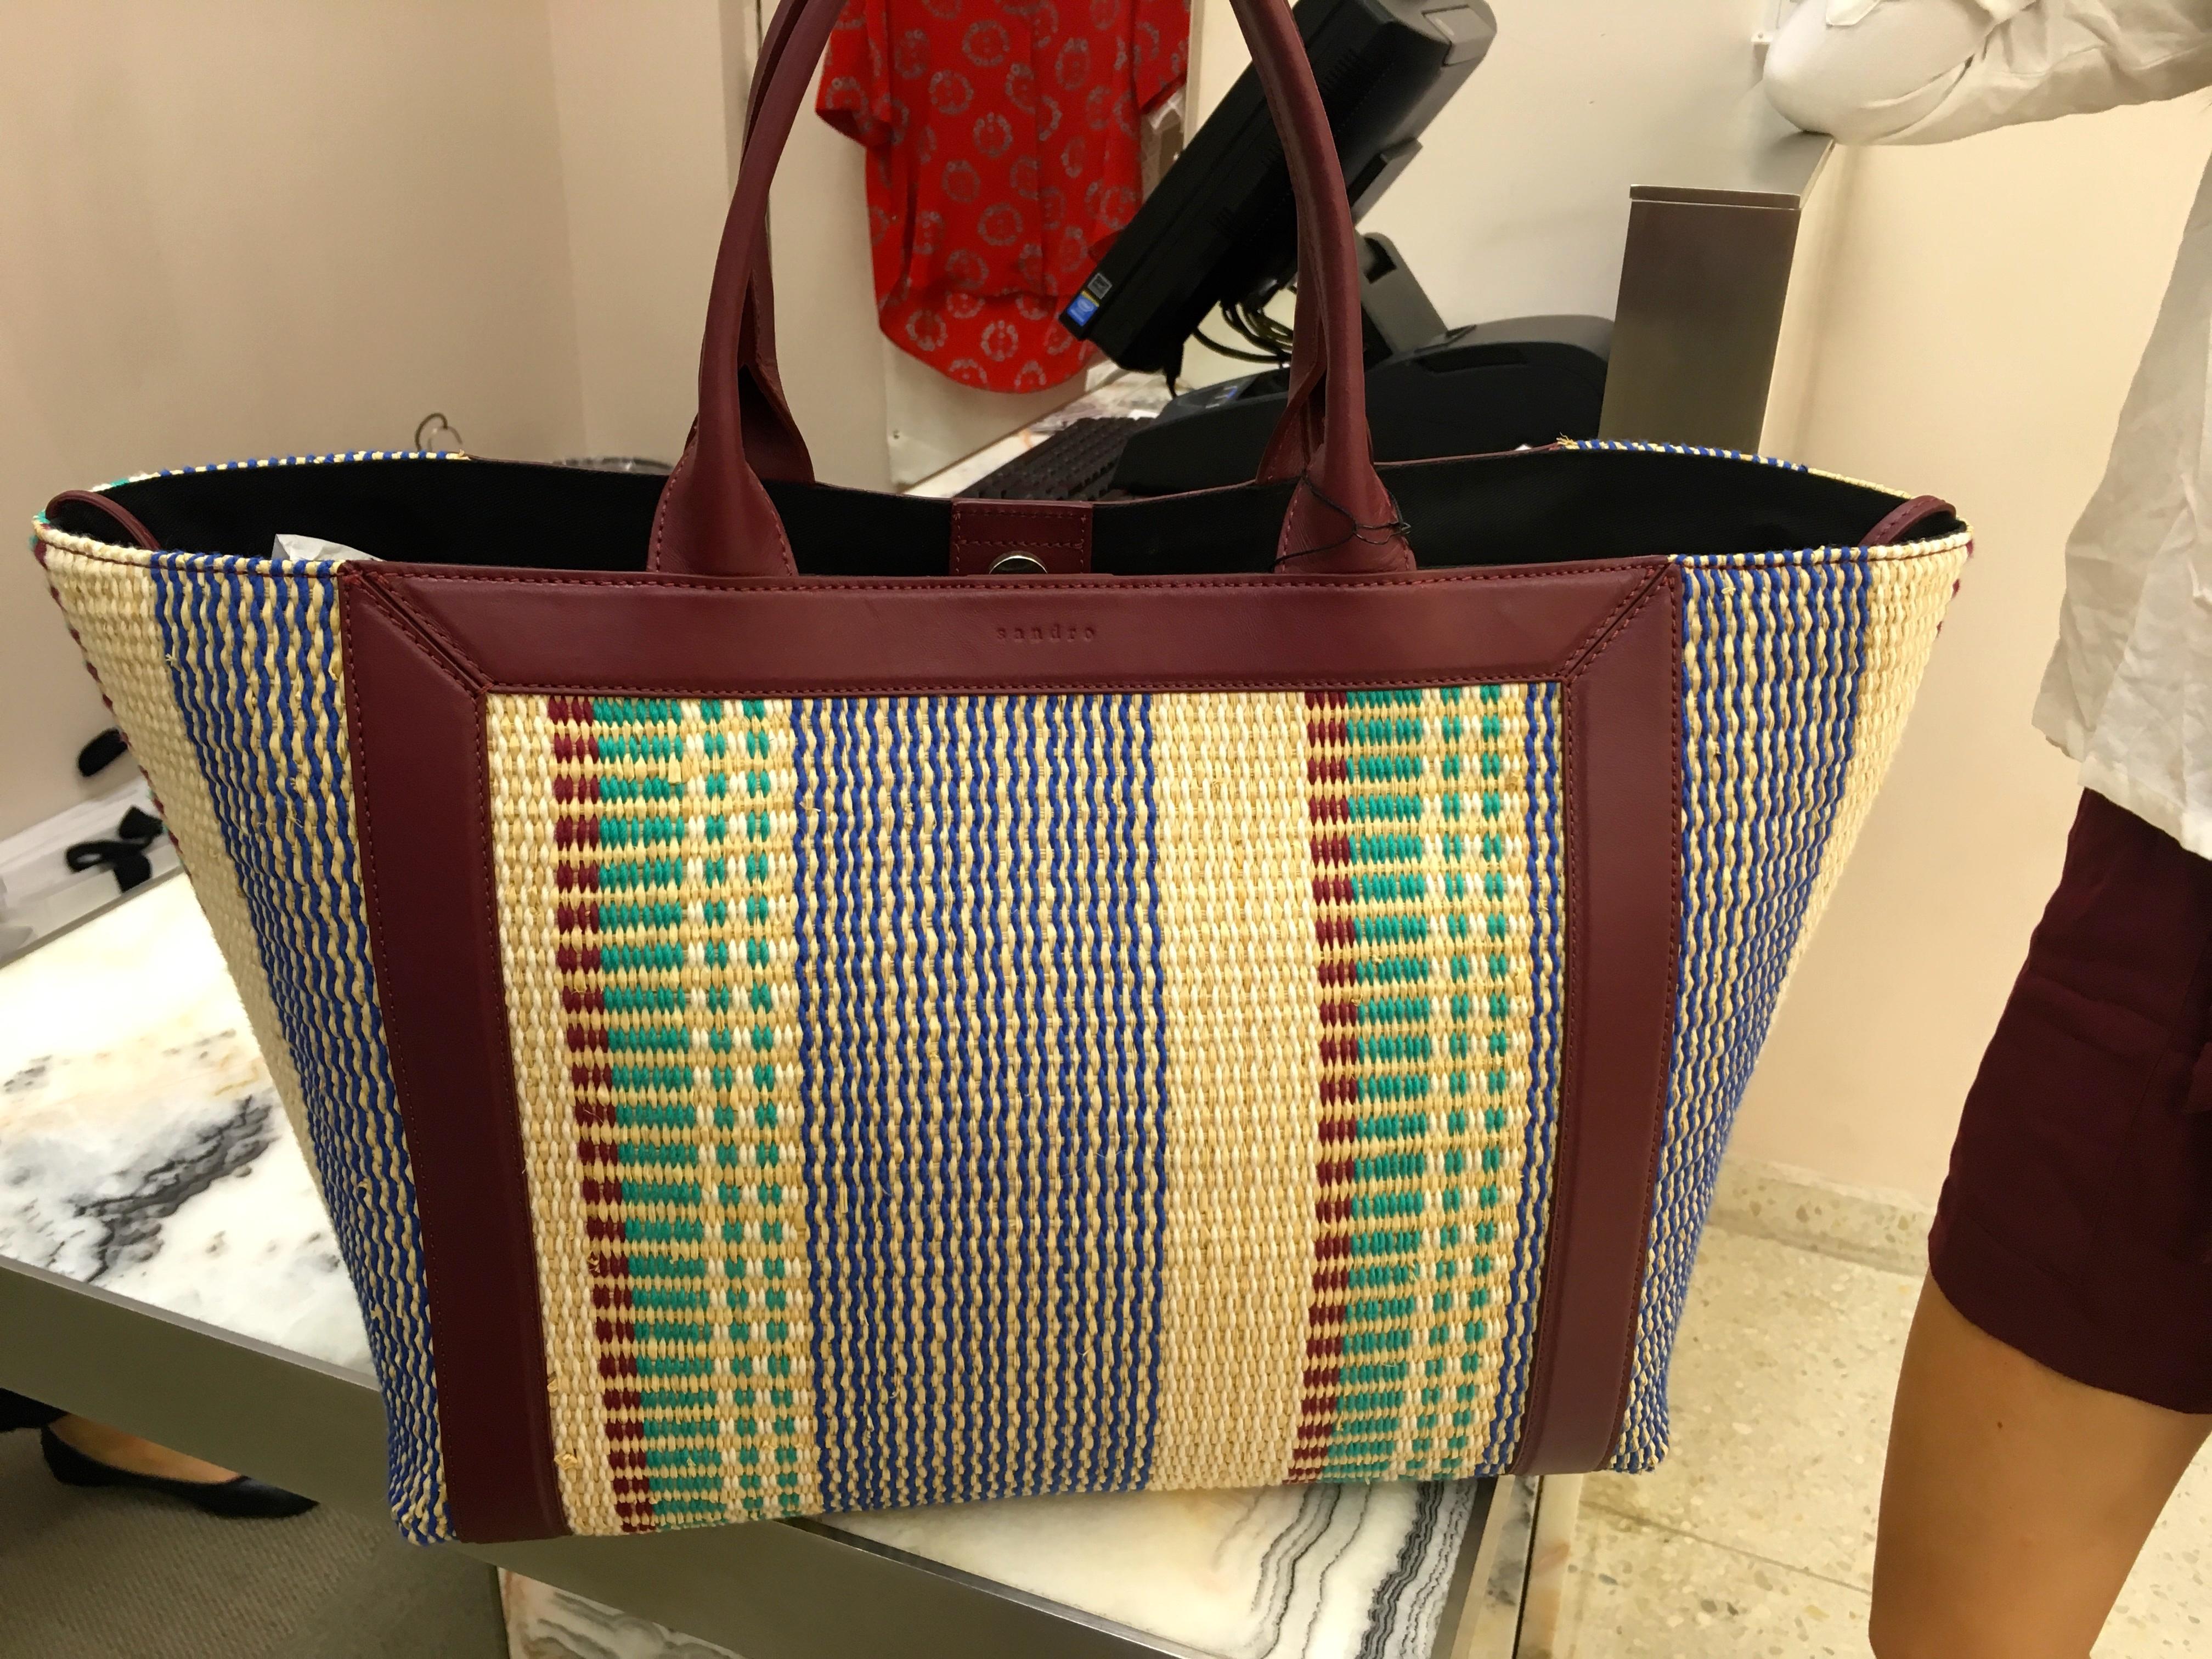 New in: bag from sandro – michaela forni